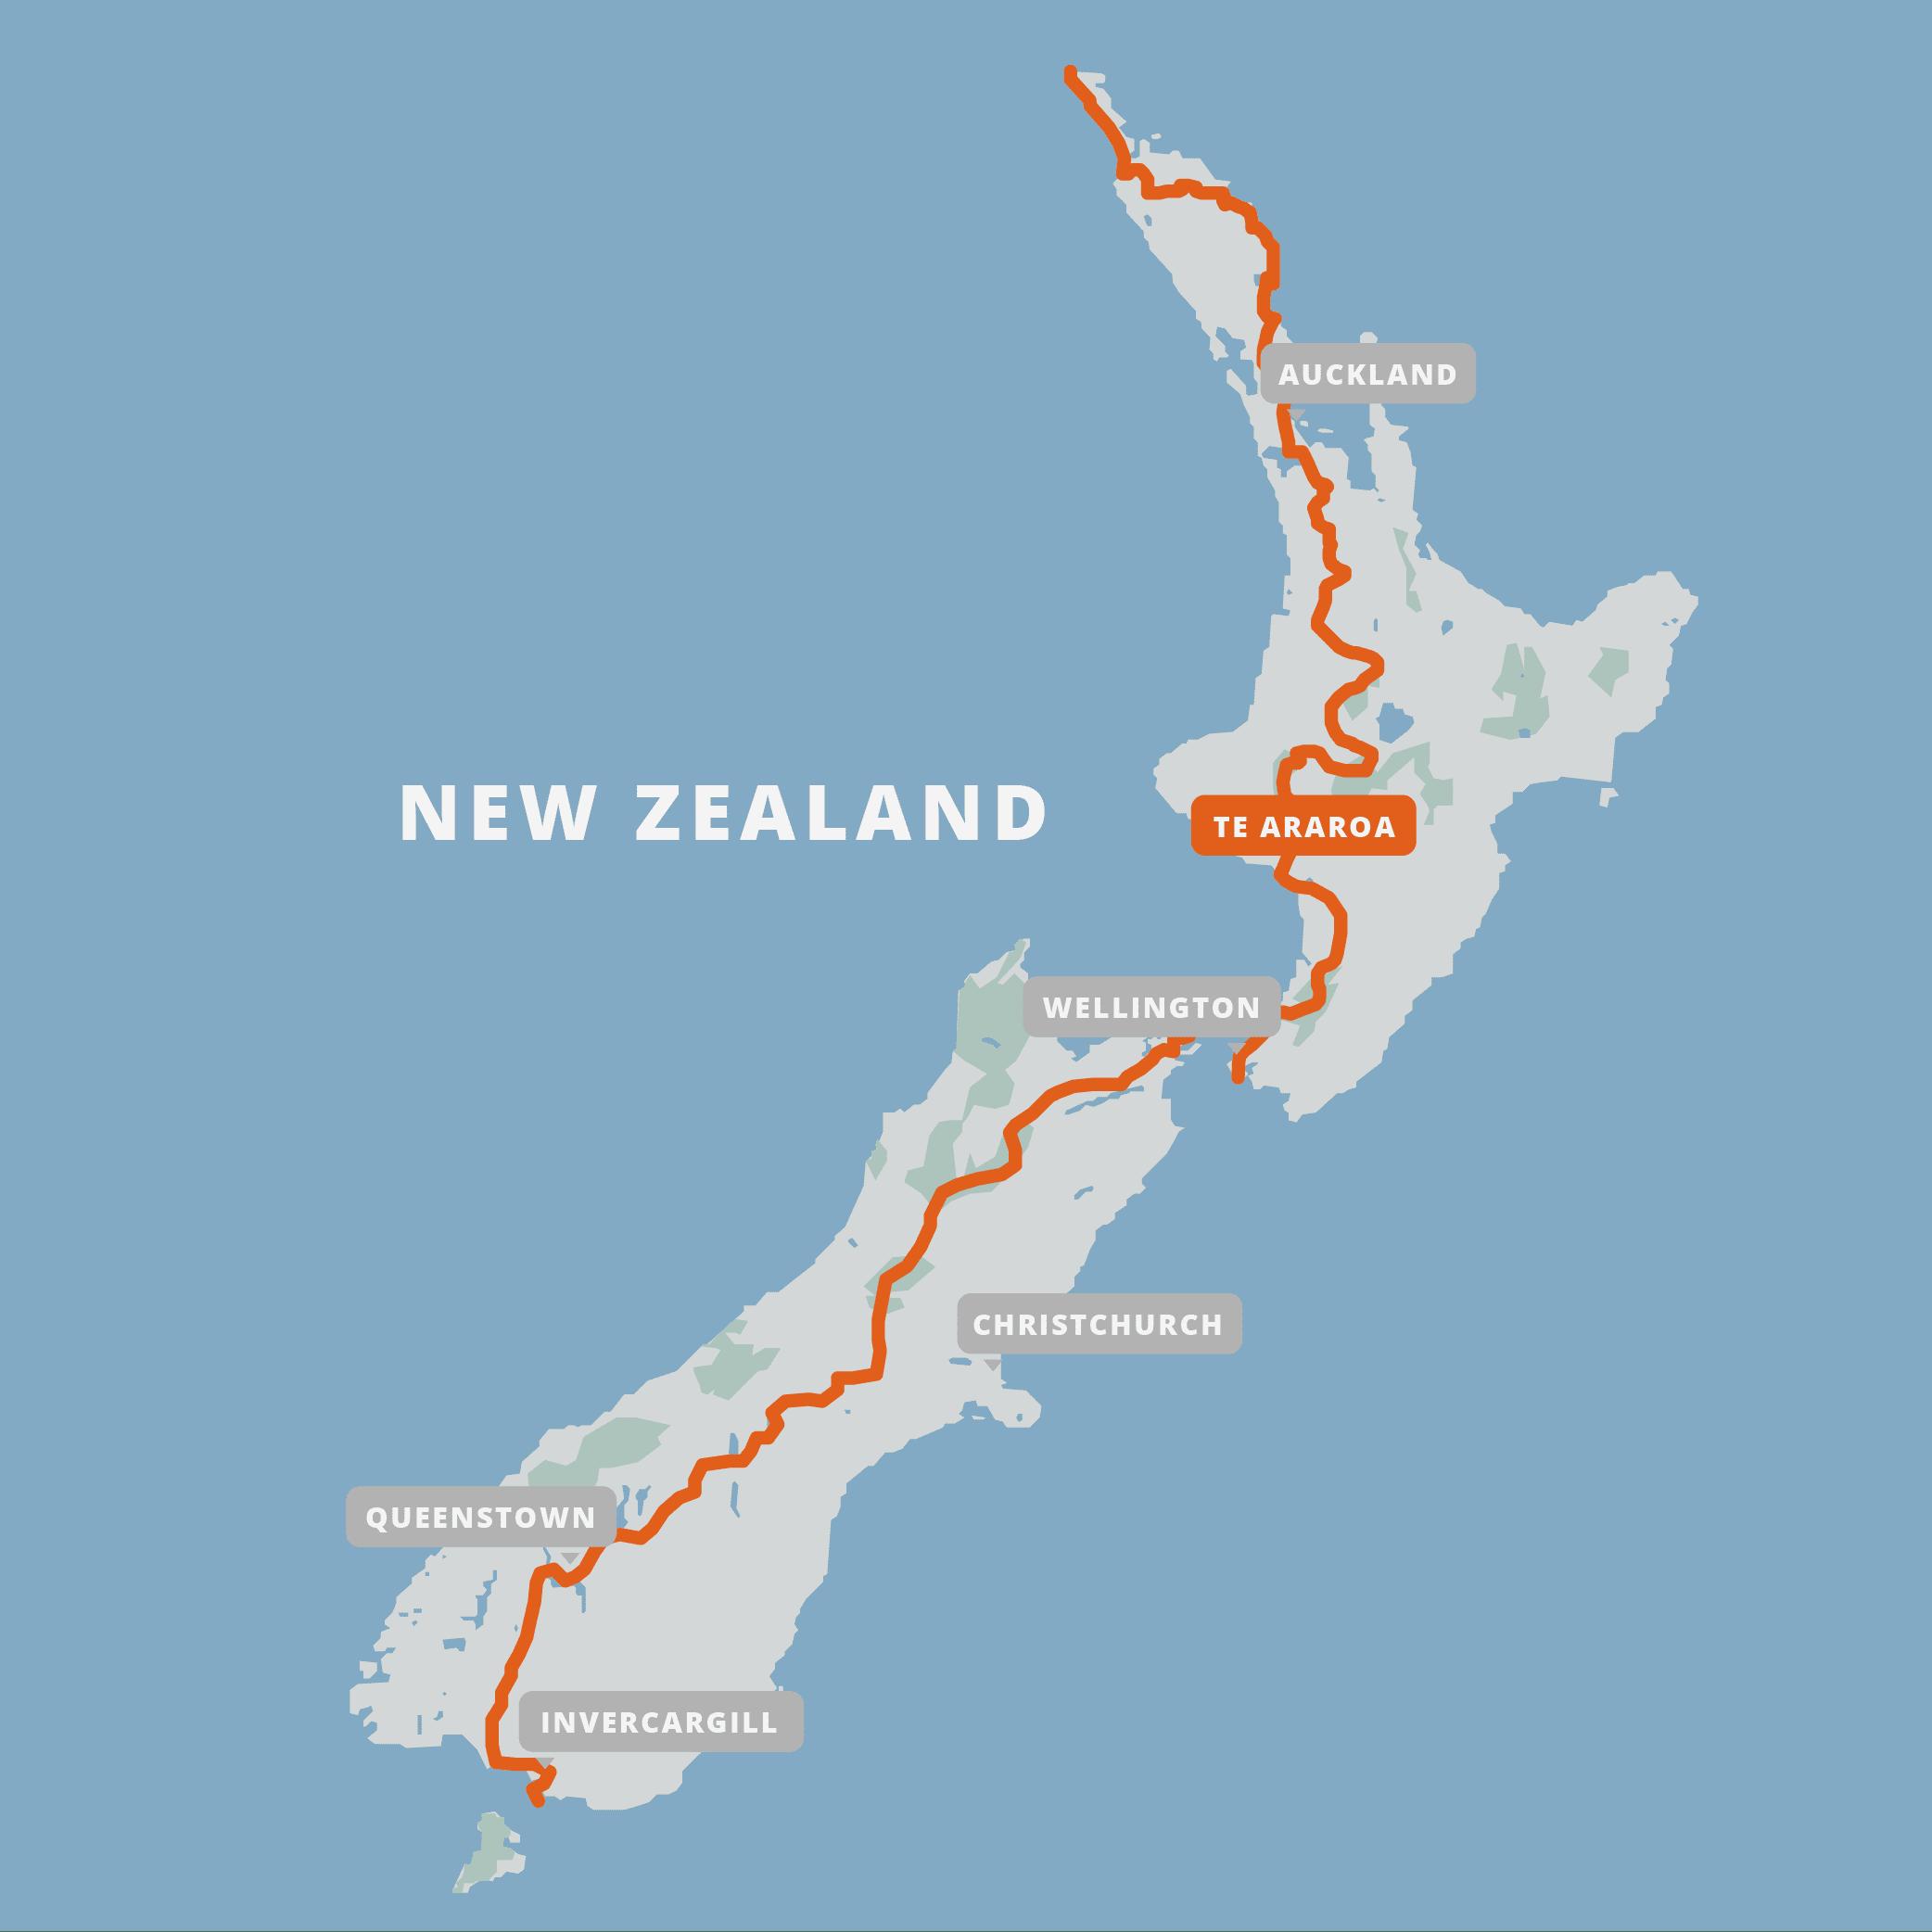 A map of the Te Araroa.